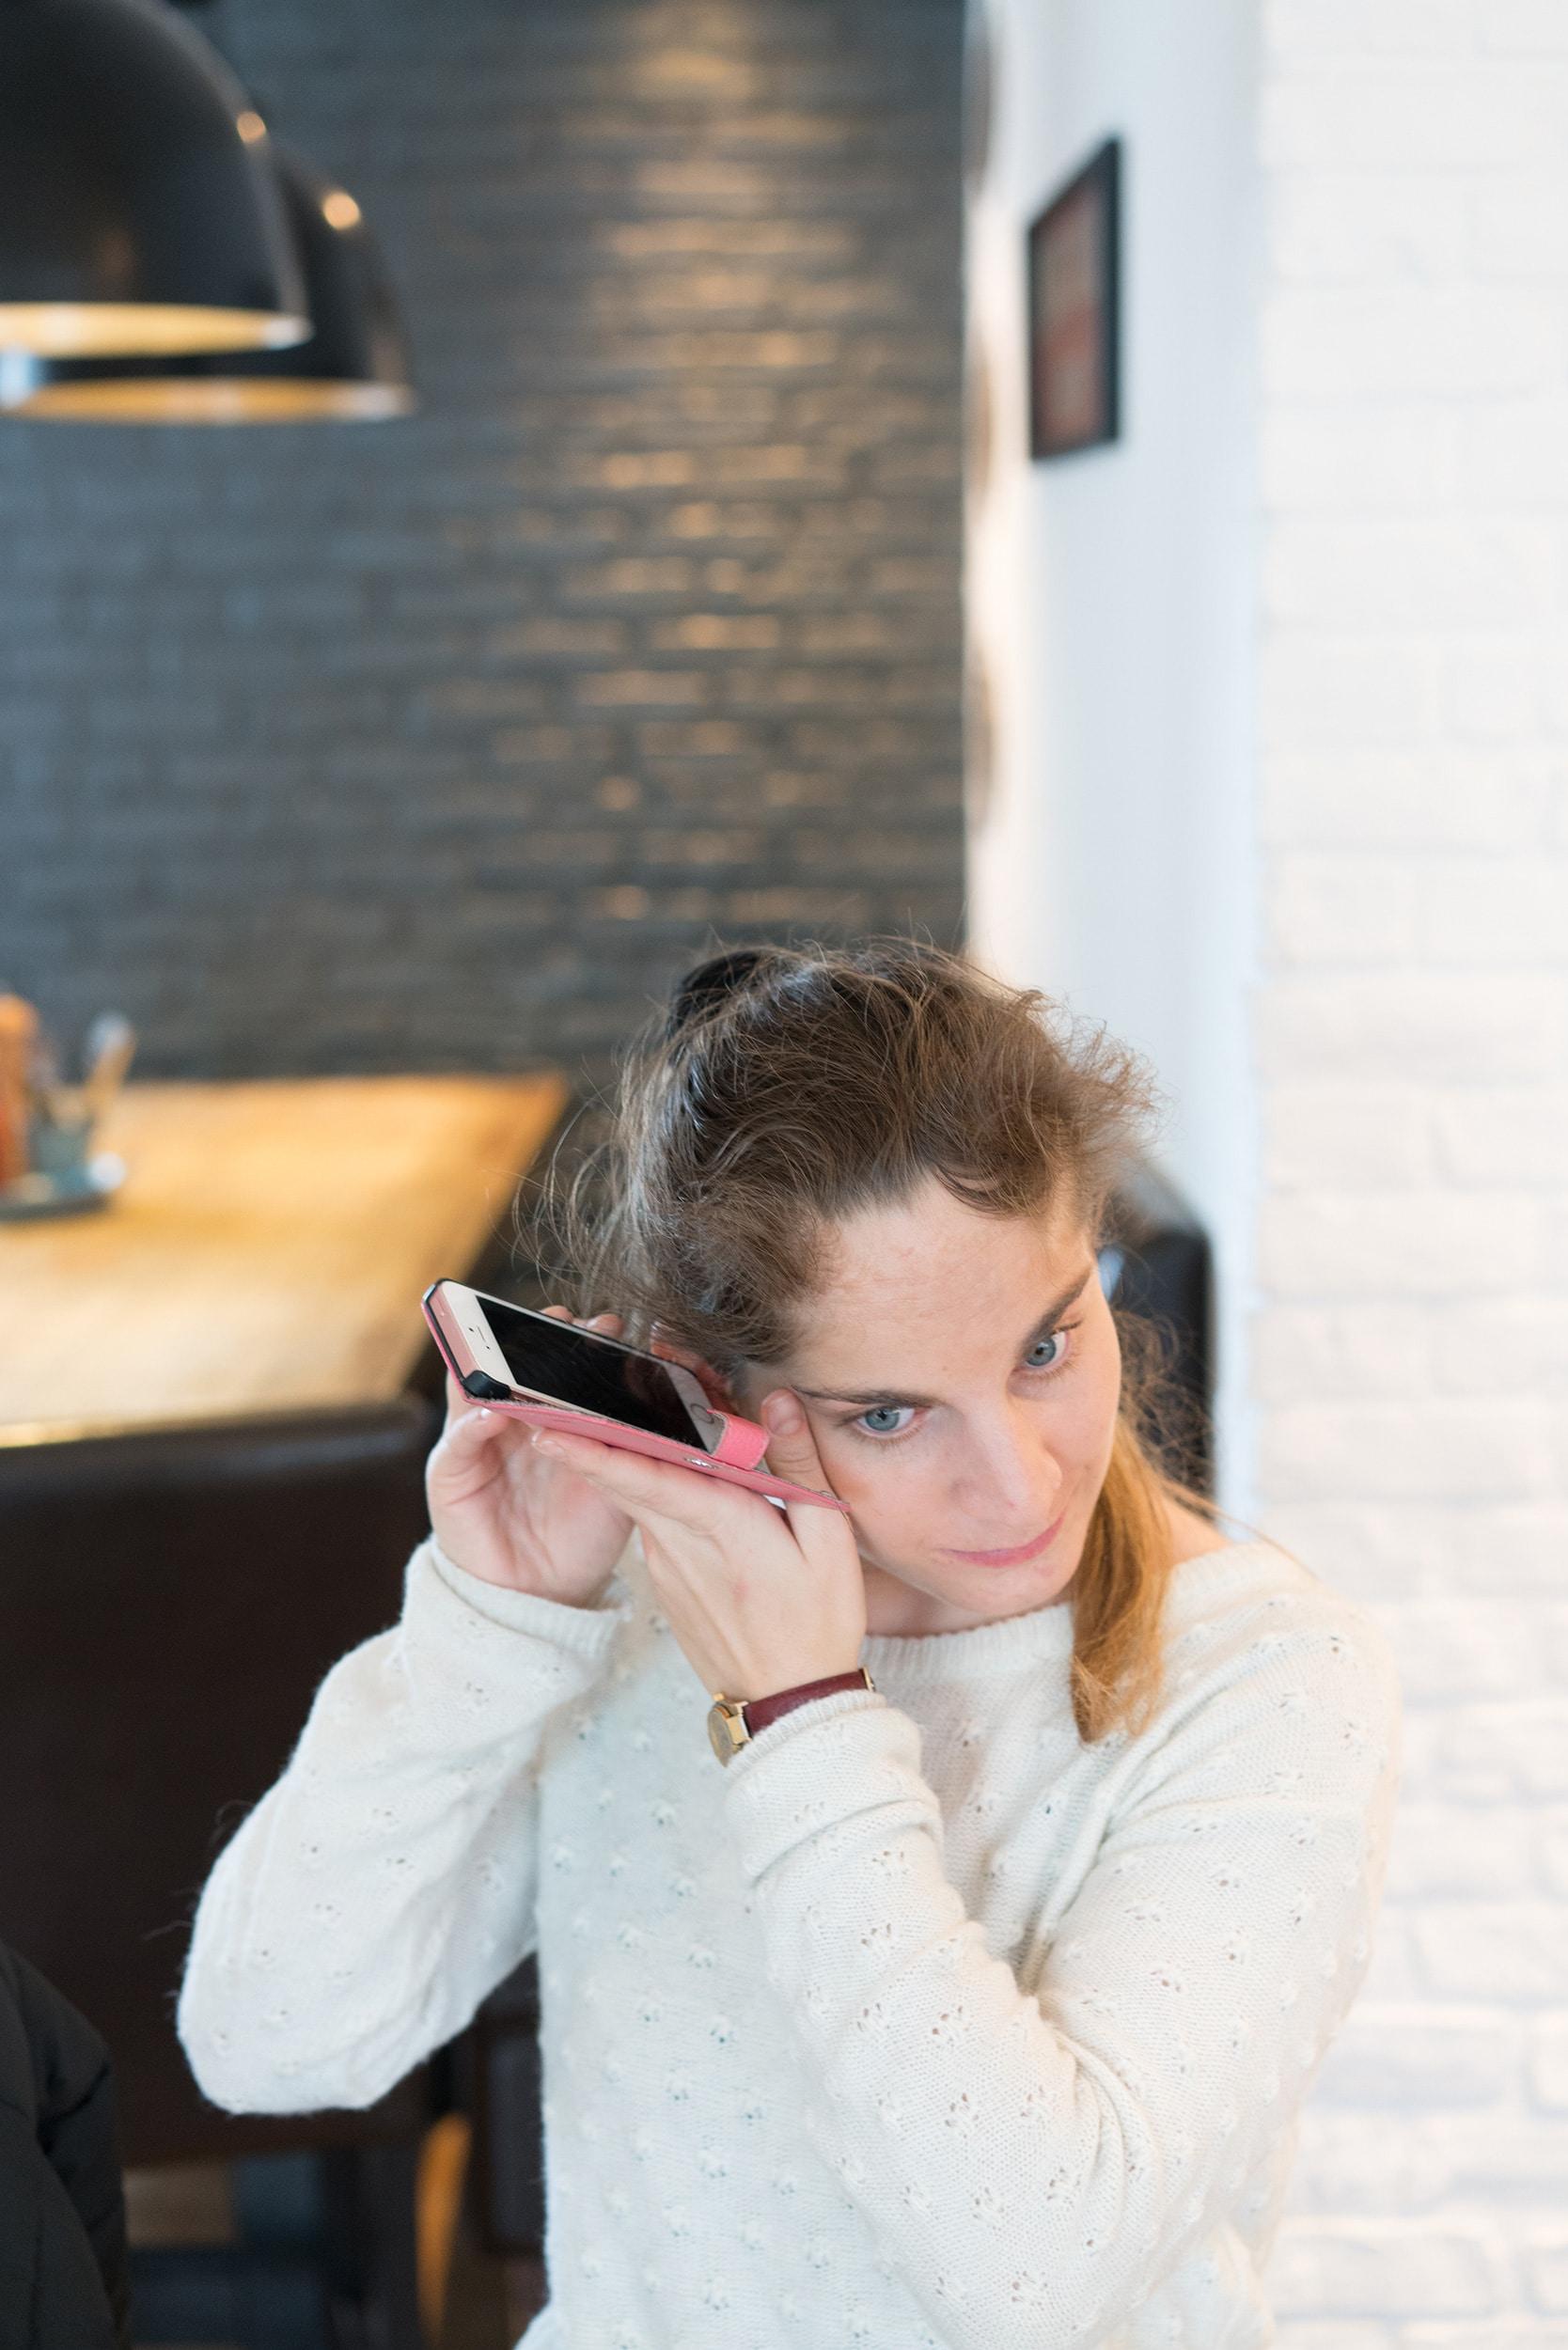 Les deux mains de Sabrina portent son téléphone portable à hauteur d'oreille afin d'écouter une transcription.